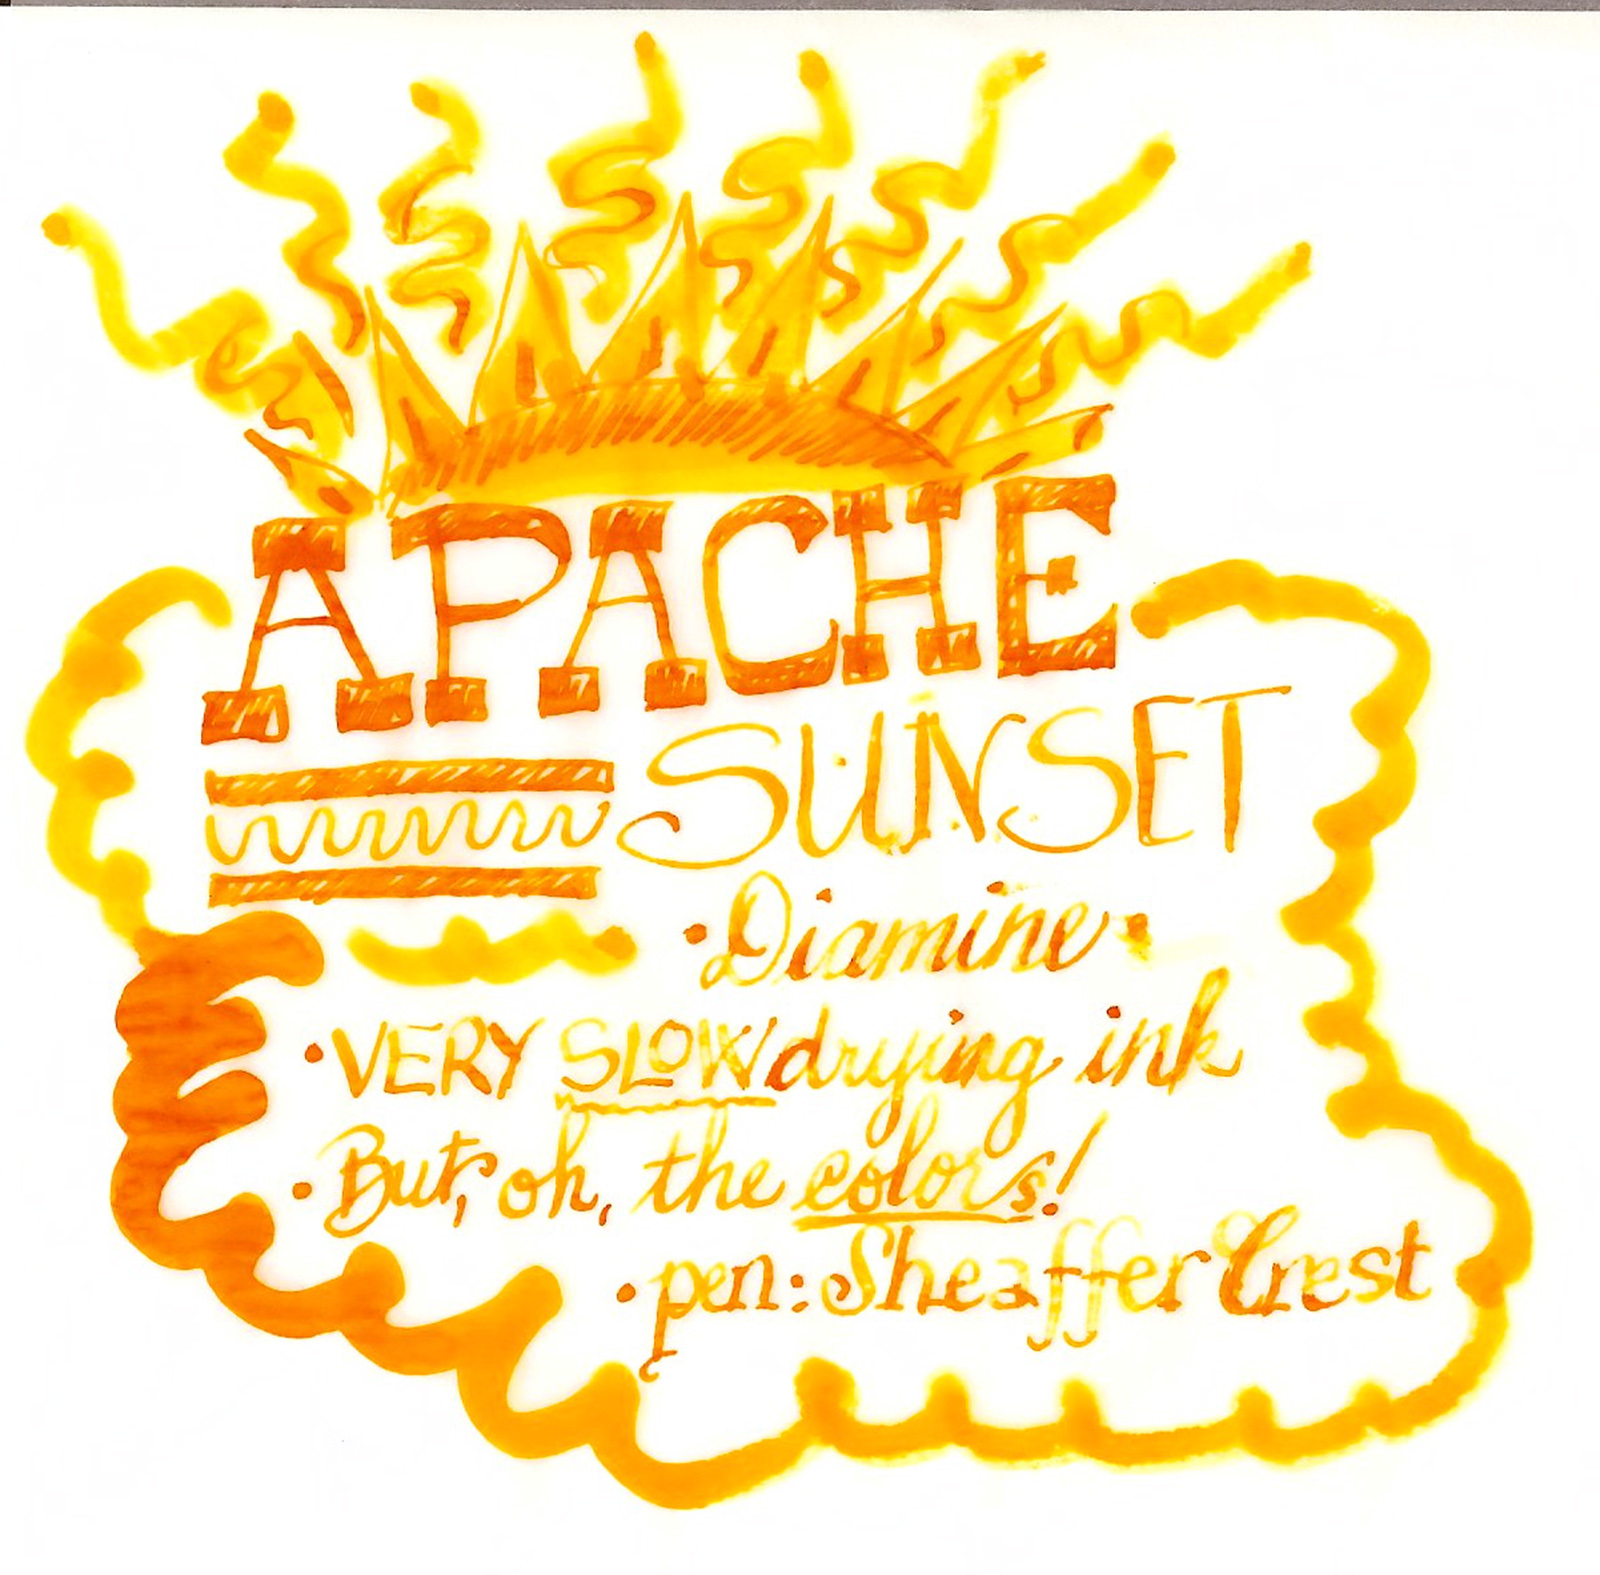 fpn_1420326984__apache_sunset-hjb.jpg